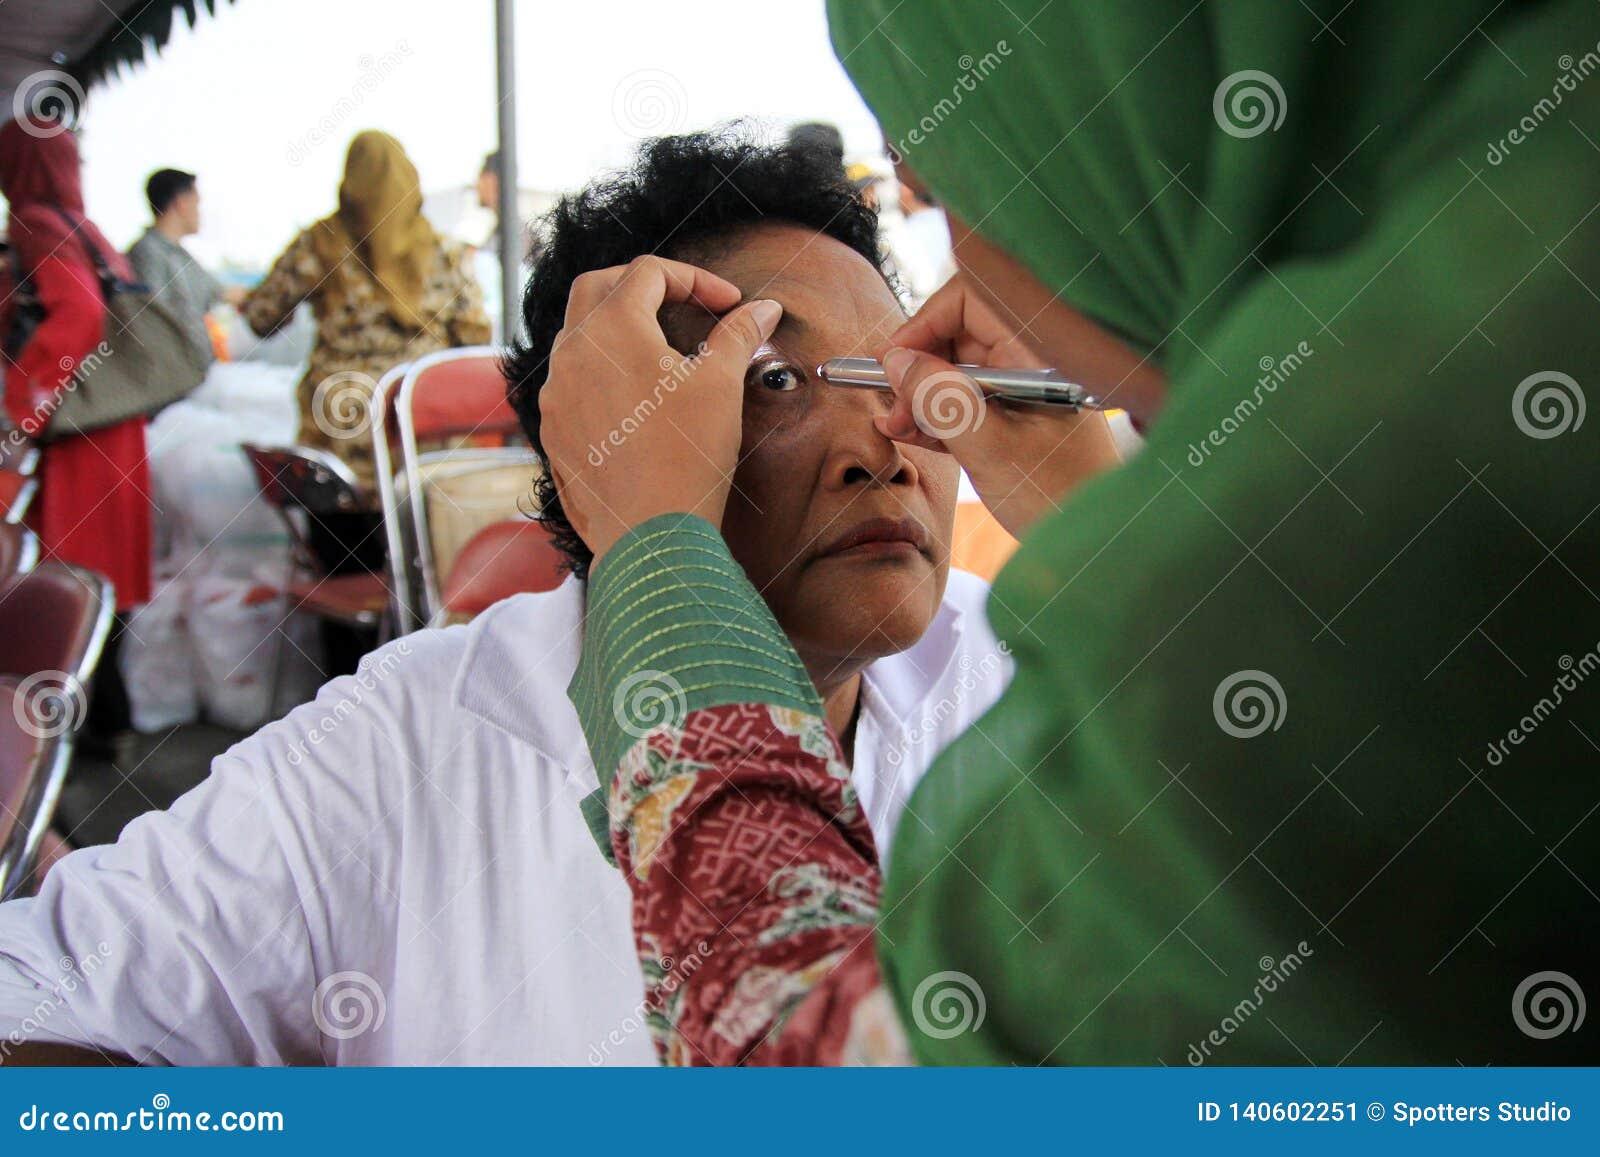 Το Surabaya Ινδονησία, μπορεί 21, 201surabaya Ινδονησία, μπορεί 21, το 2014 ένας εργαζόμενος στον ιατρικό κλάδο είναι έλεγχος η υ